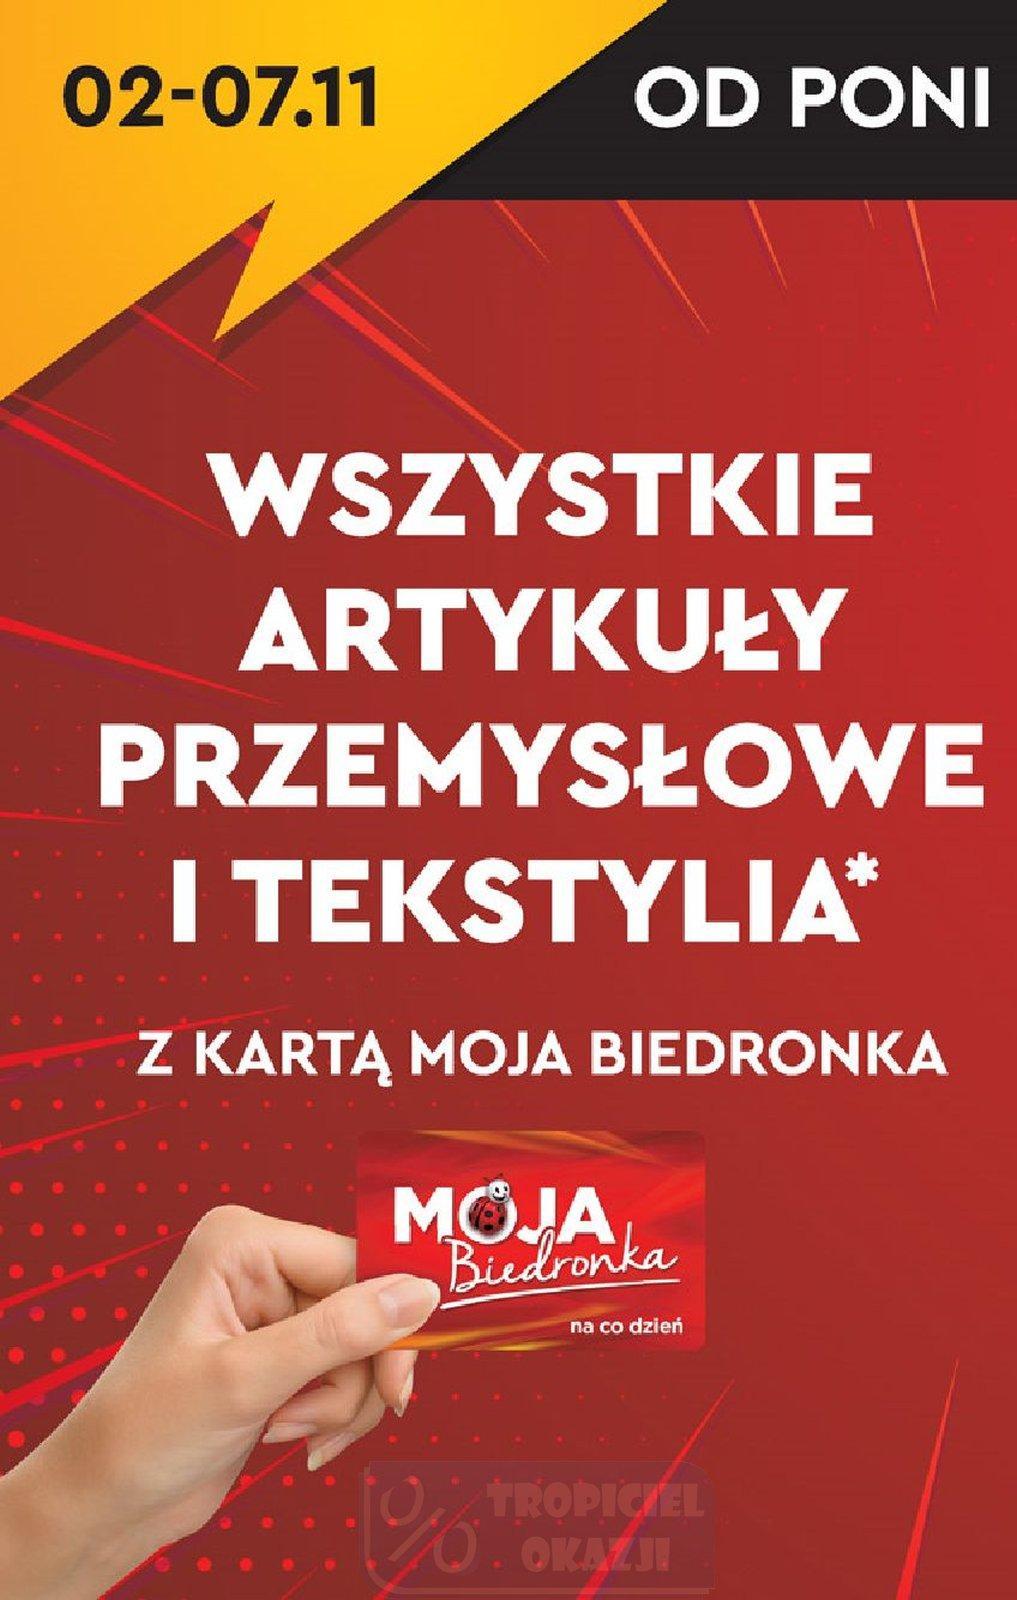 Gazetka promocyjna Biedronka do 18/11/2020 str.2